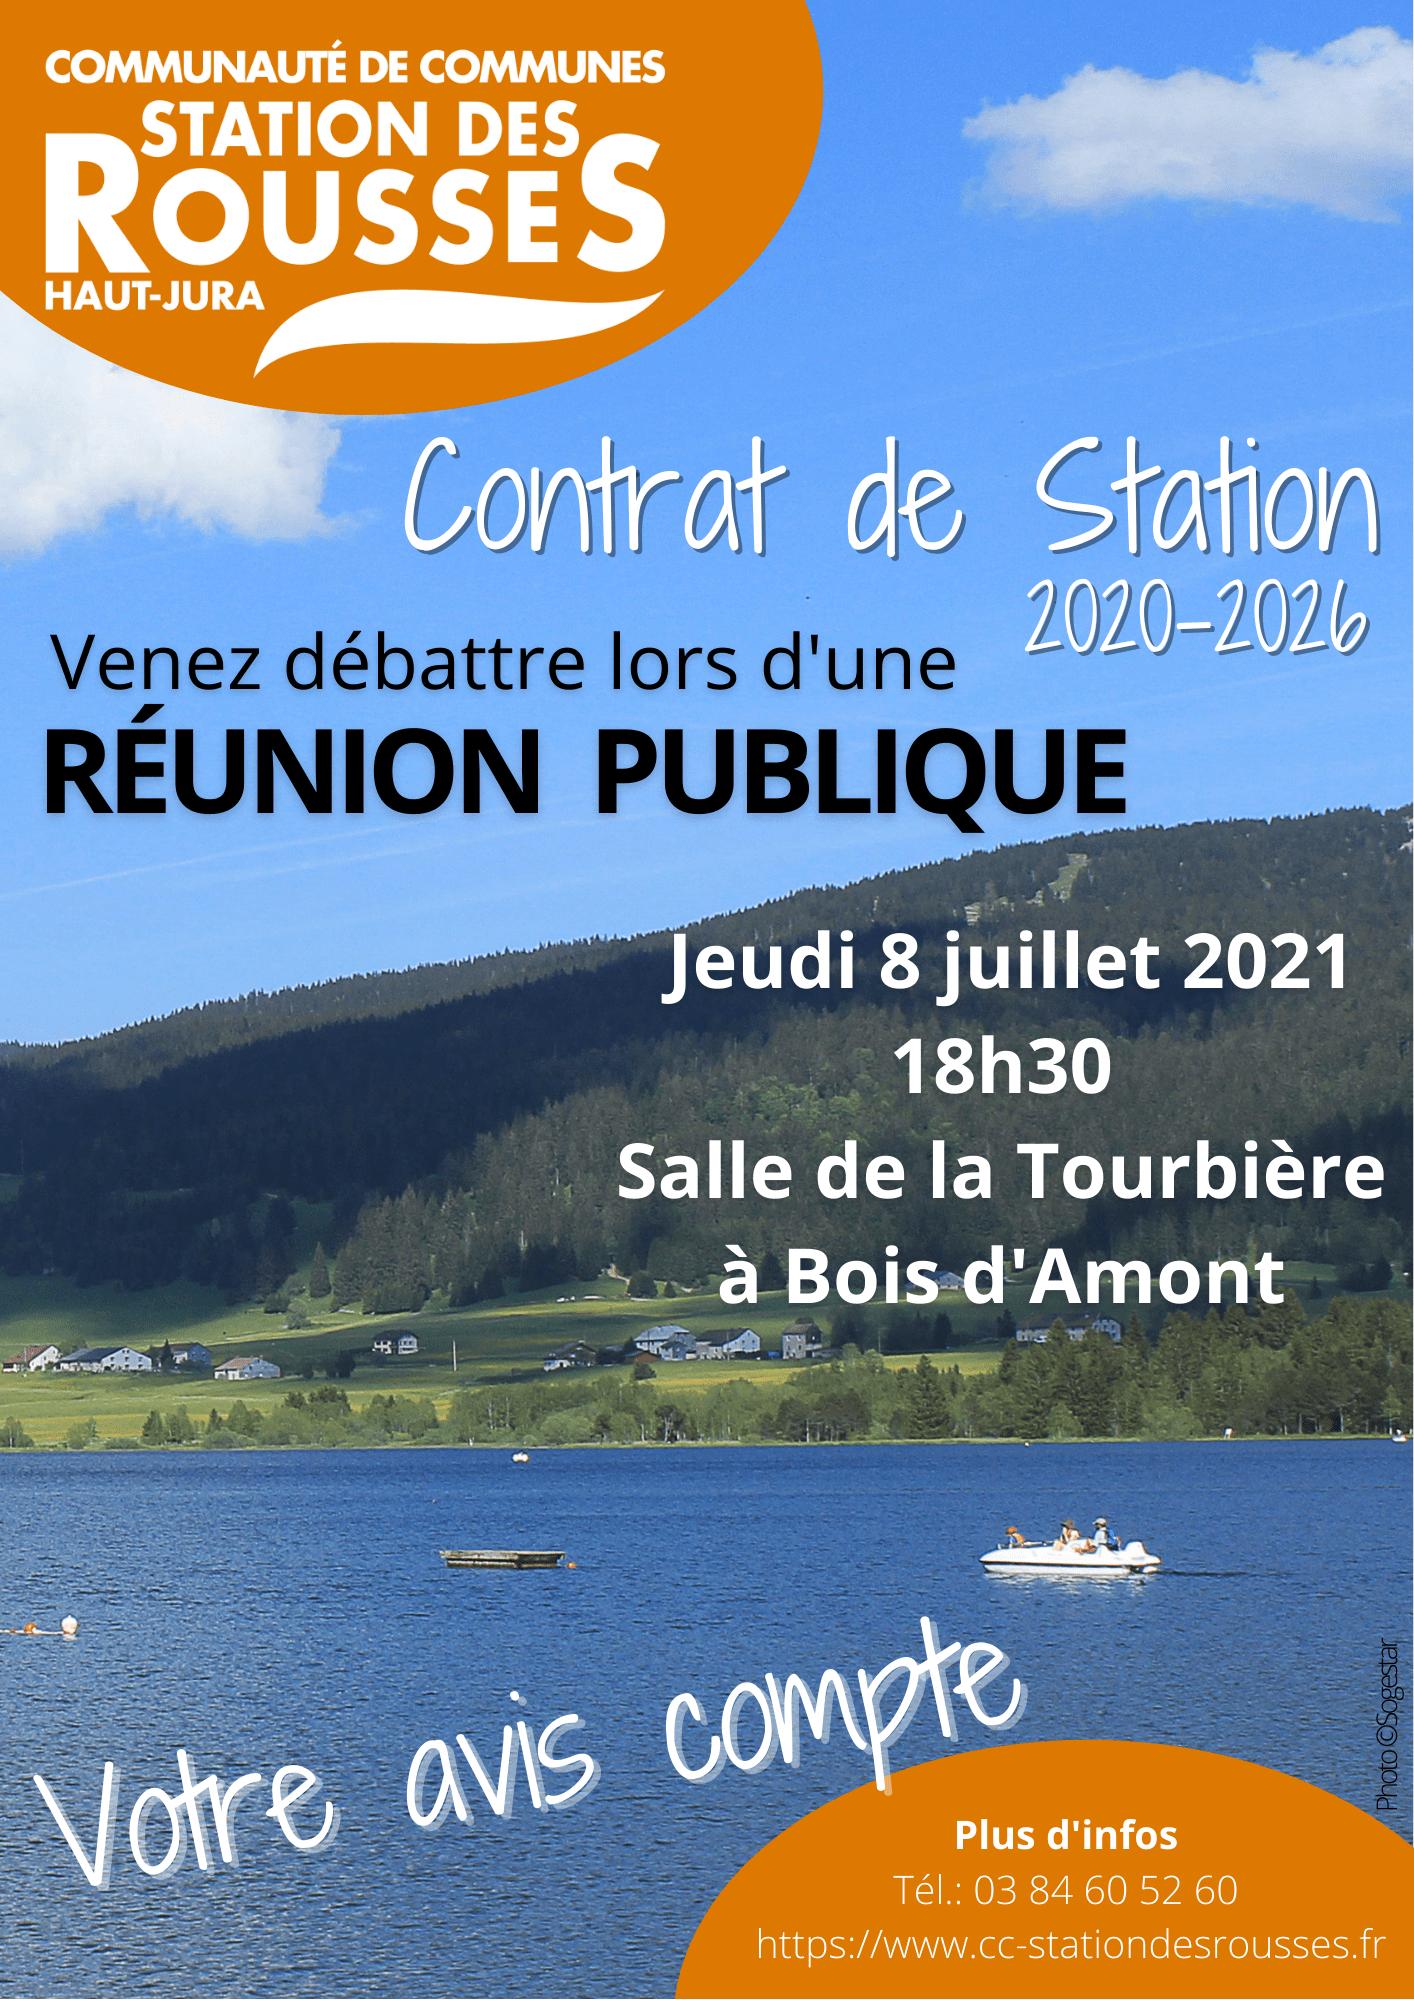 contrat de station 2020-2026 - réunion publique le 8 juillet 2021